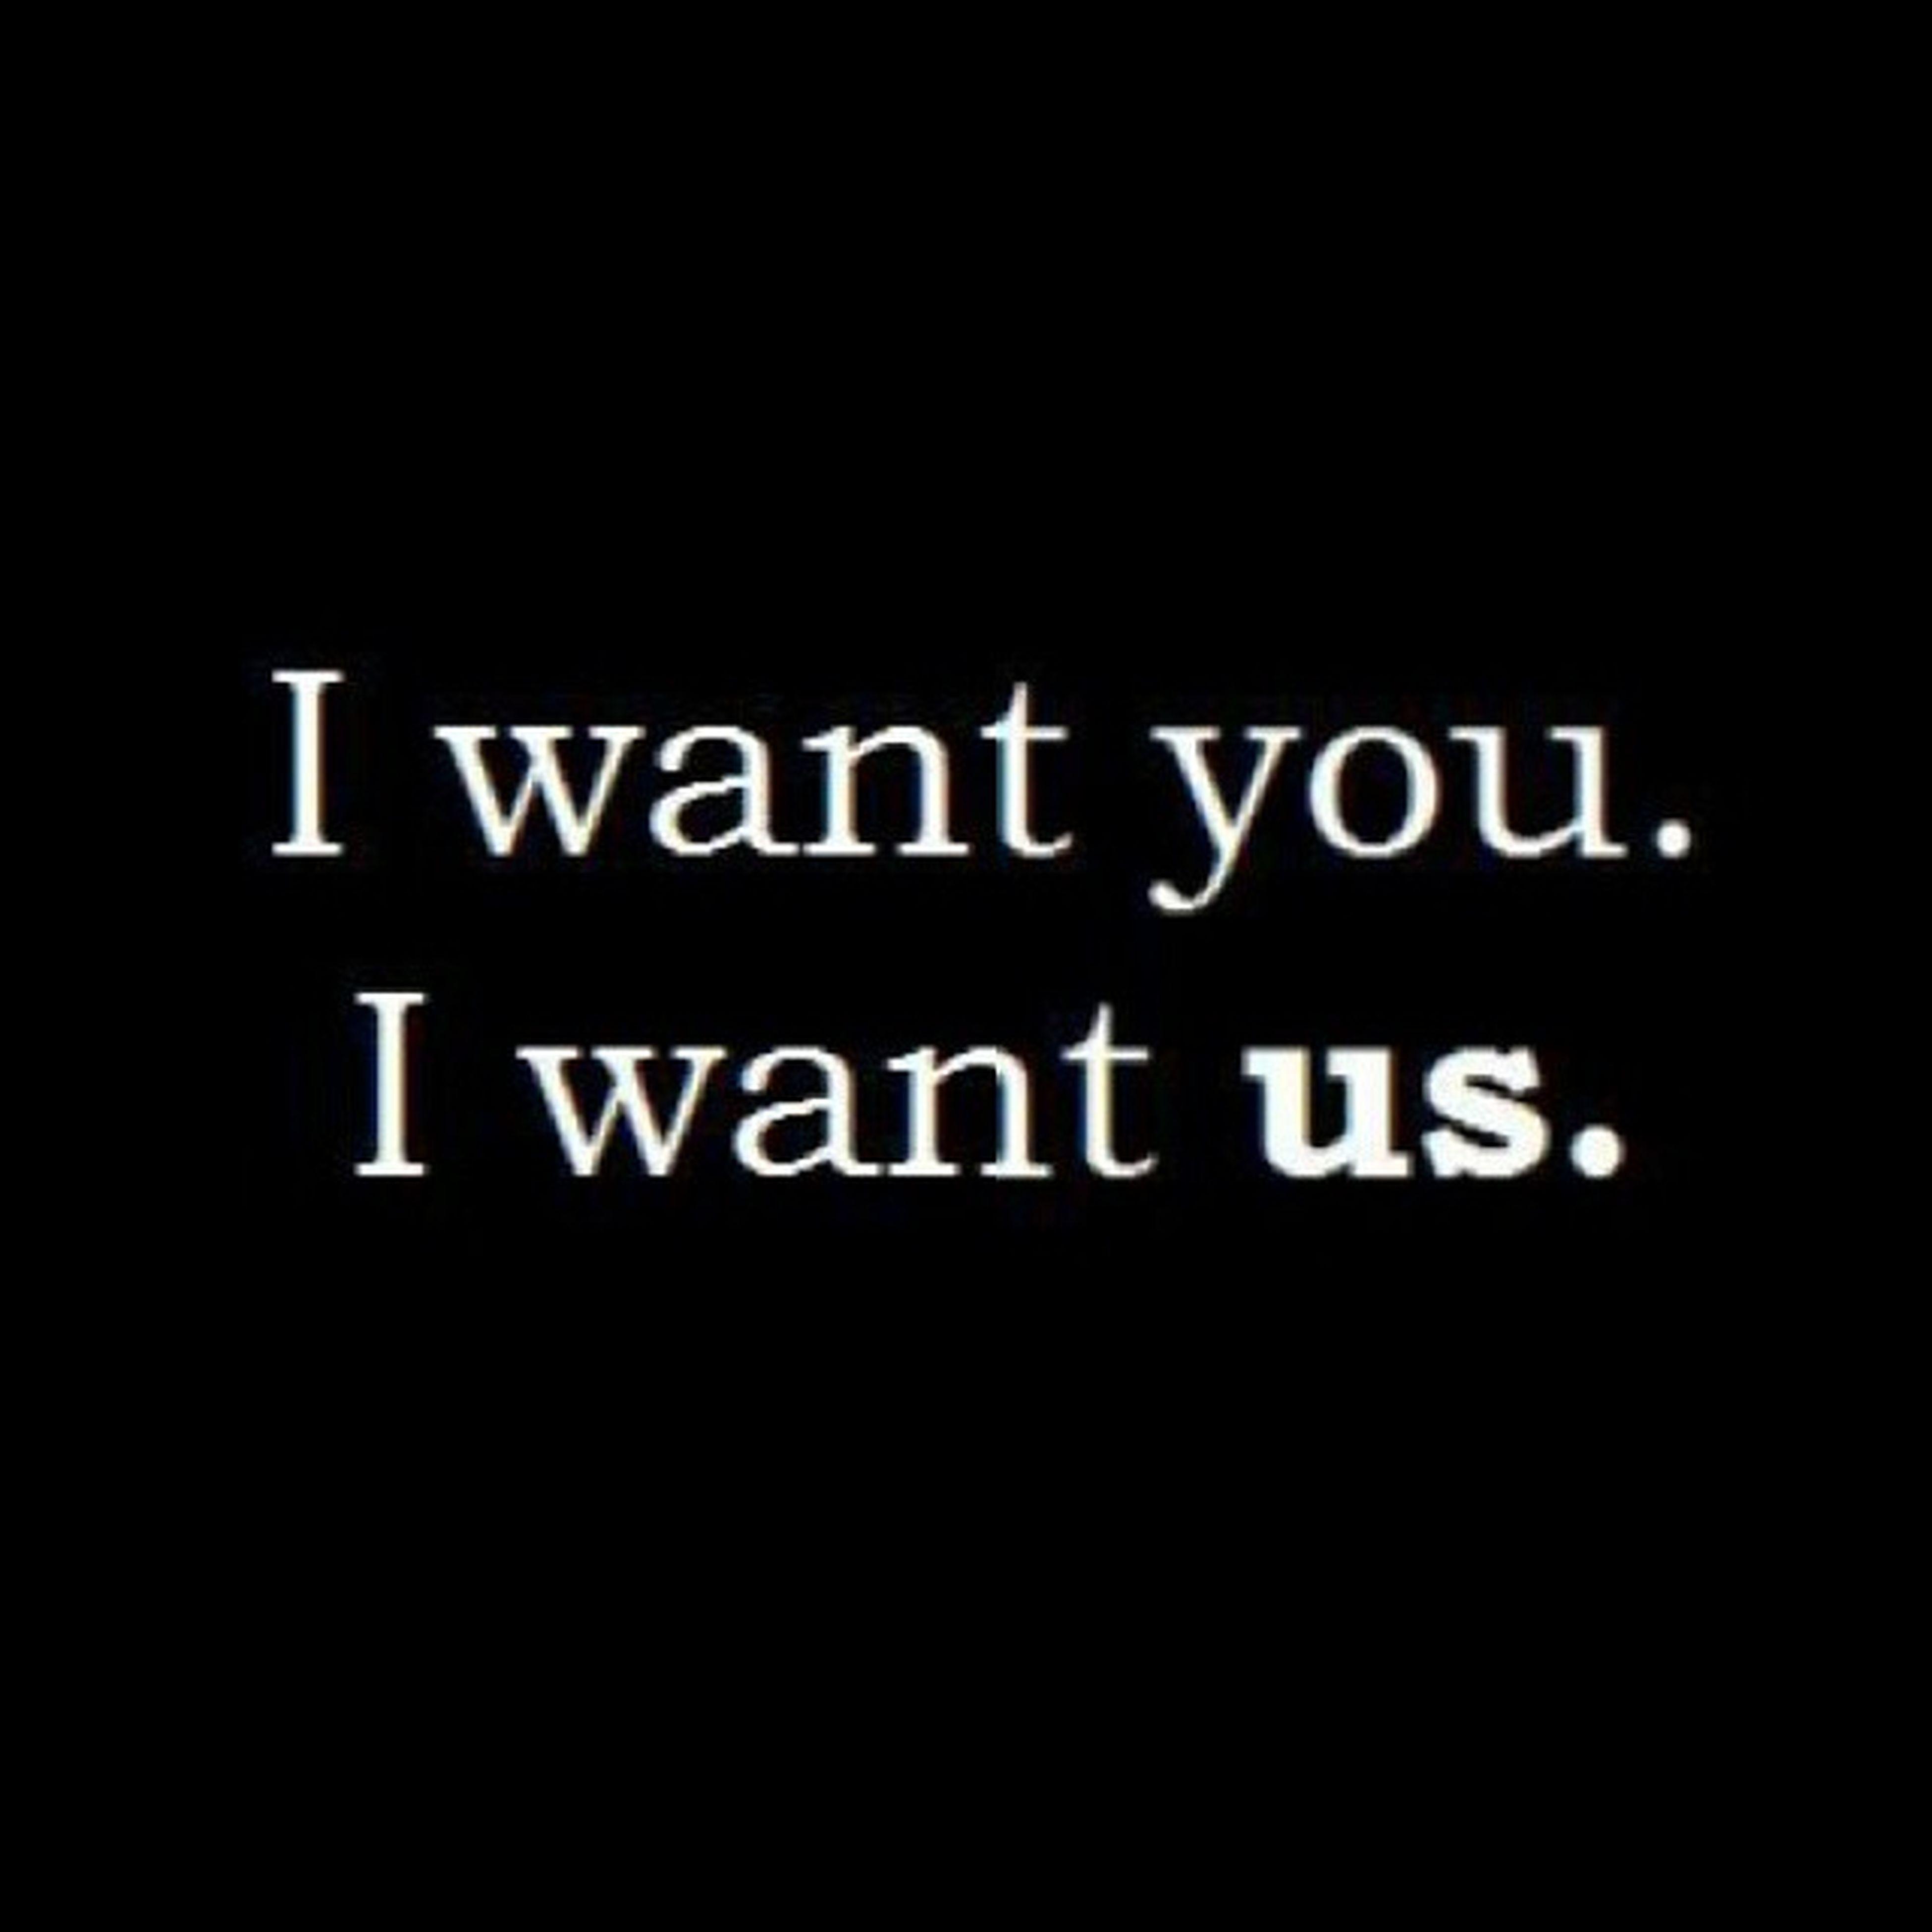 No_games No_lies I Want you i want us ............